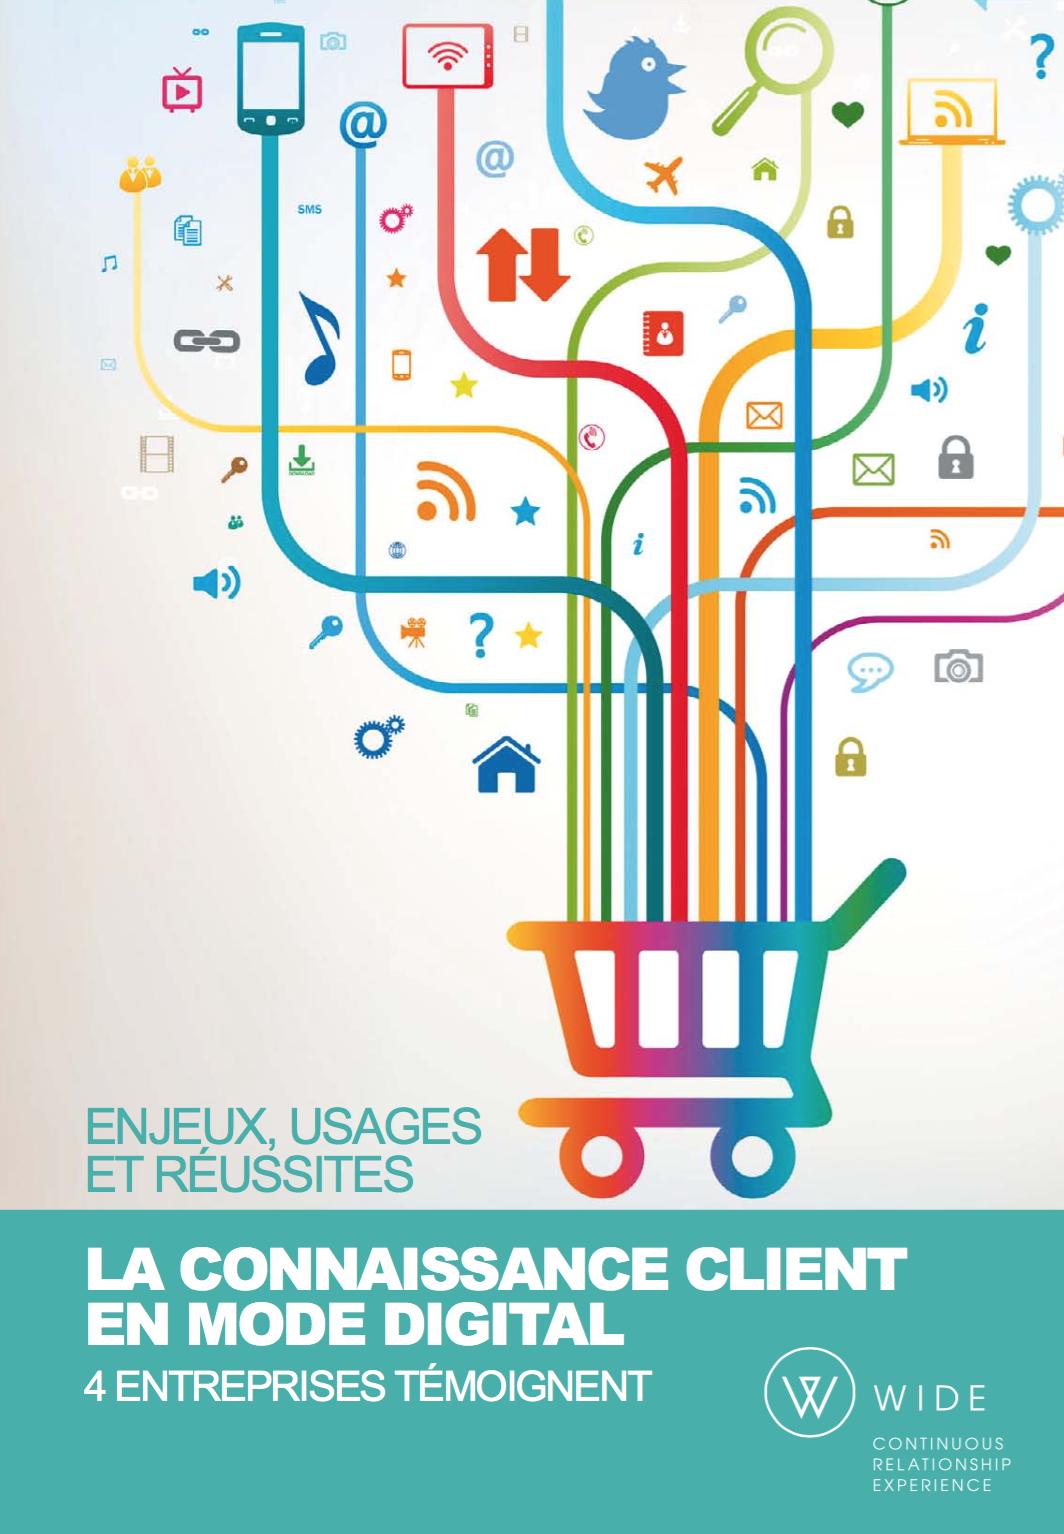 La connaissance client en mode digital